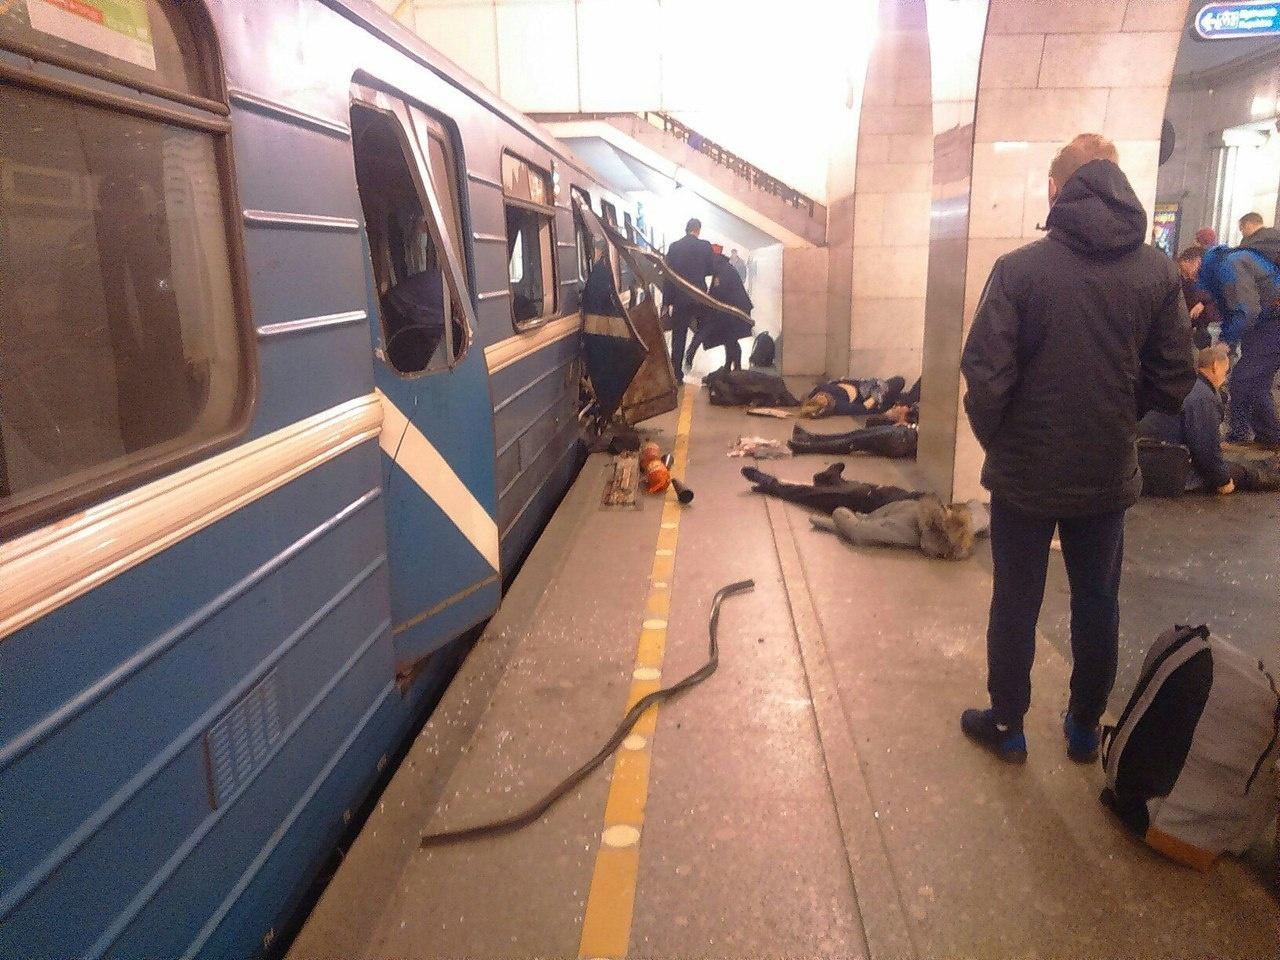 「俄羅斯地鐵爆炸」的圖片搜尋結果